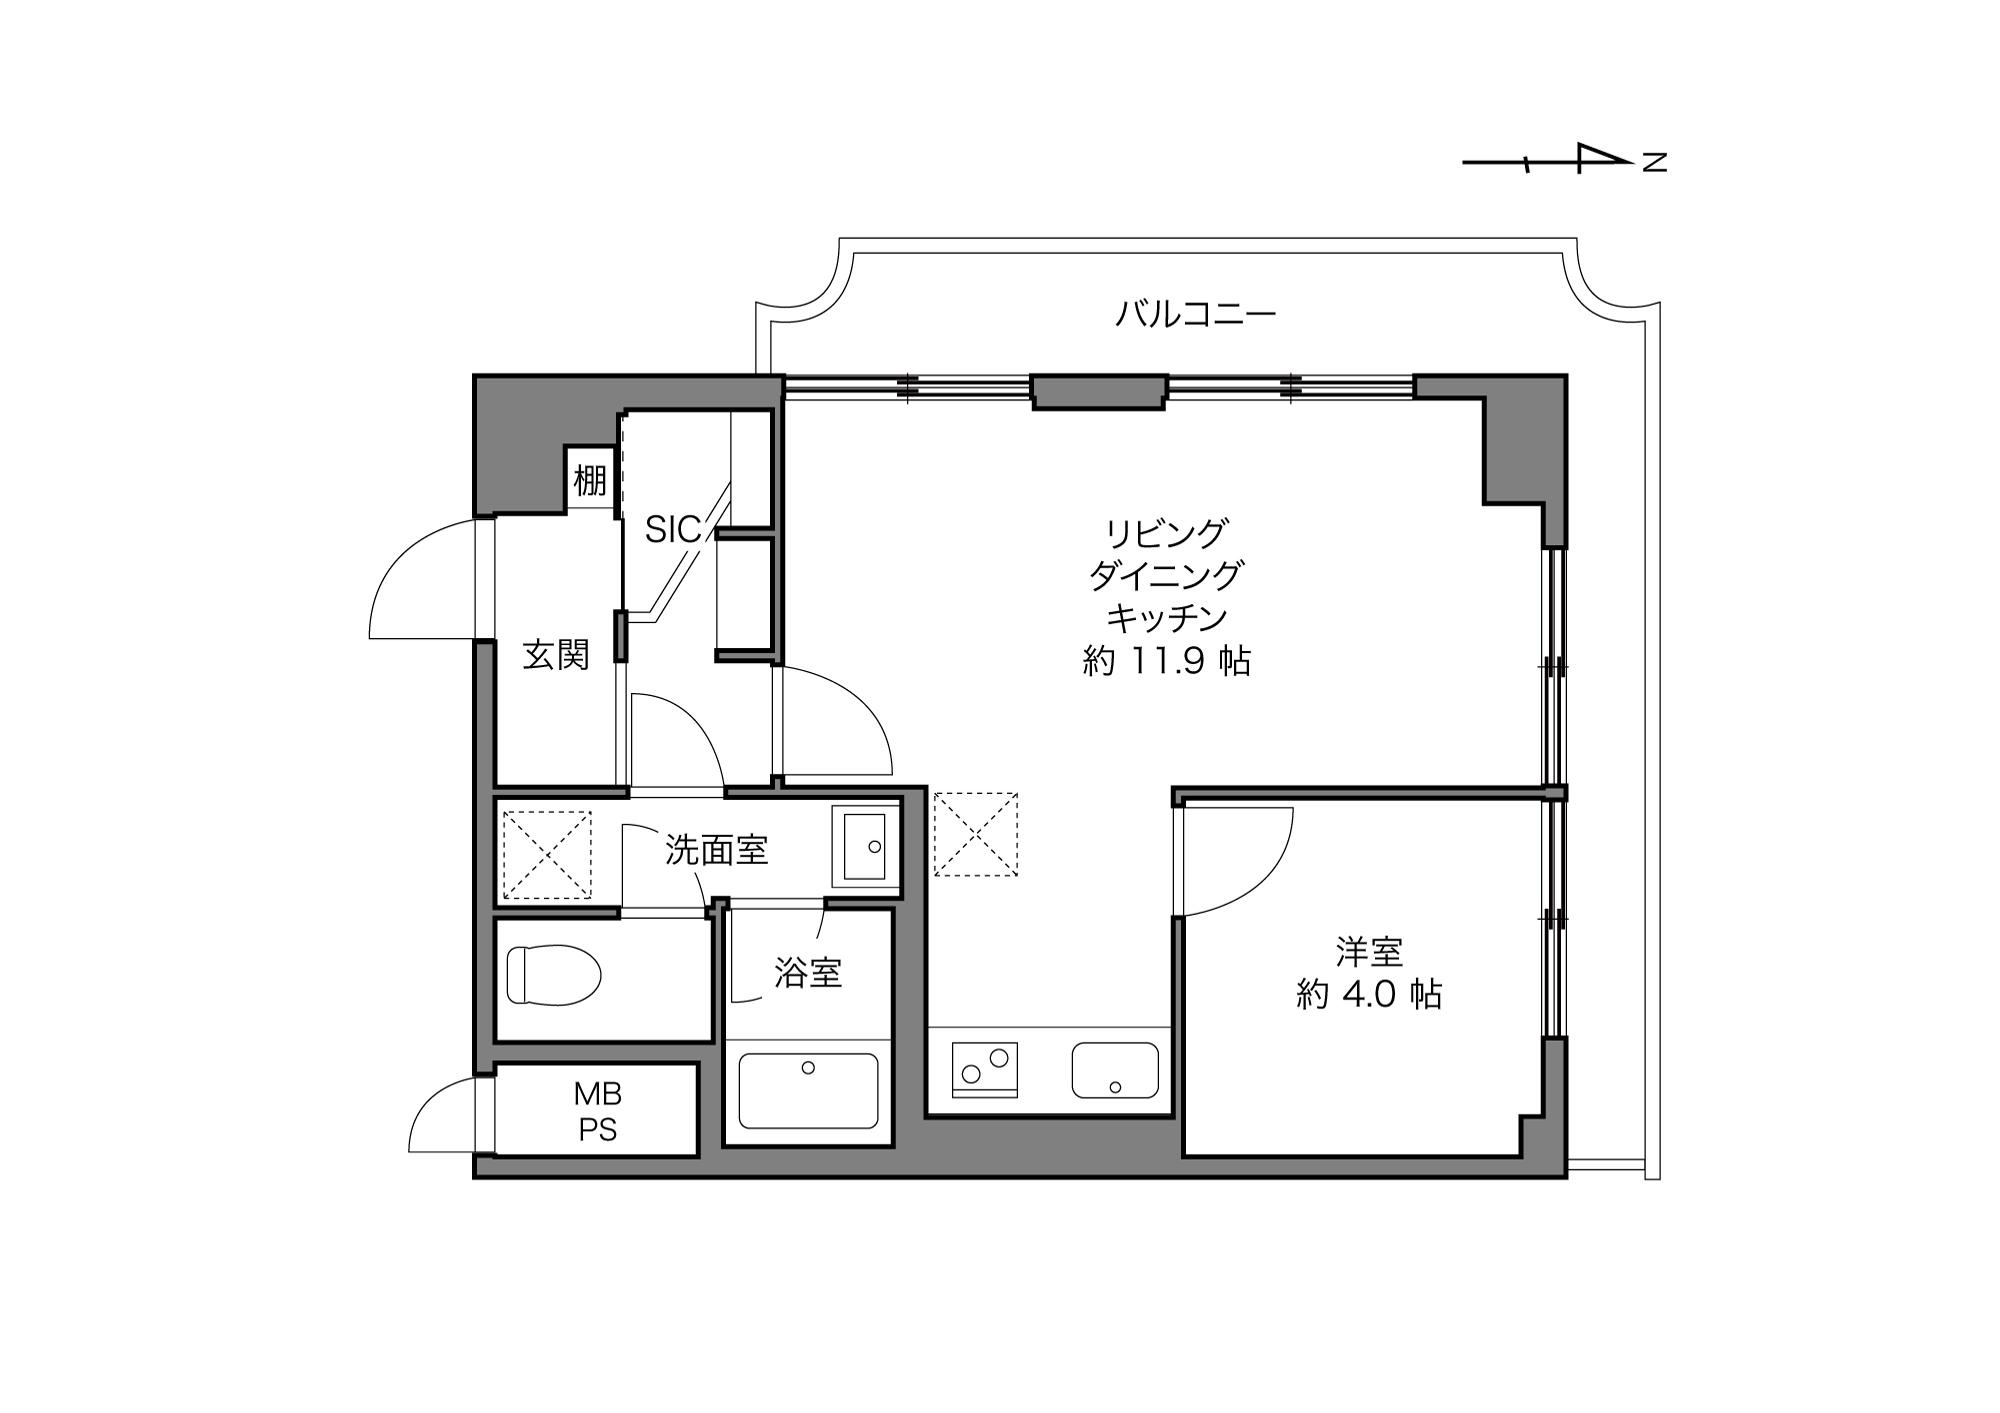 錦糸町駅 / 1LDK / 38.28㎡